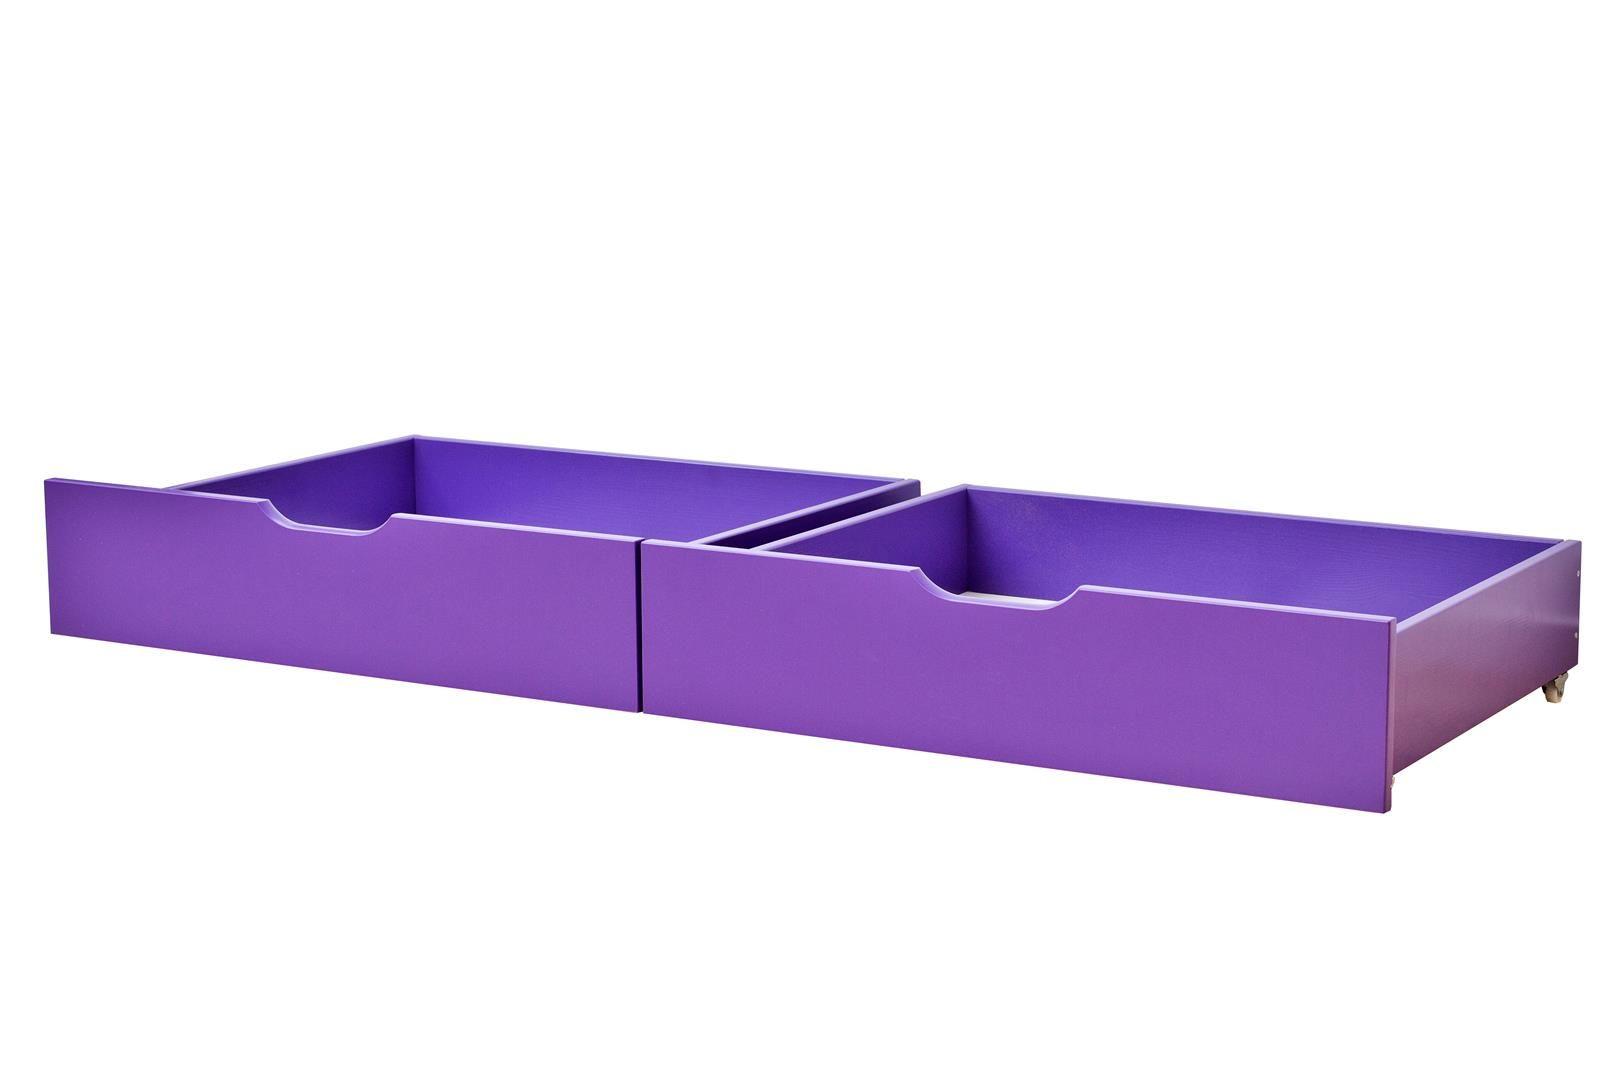 Sengeskuffesæt fra Hoppekids - Purple (153x60)